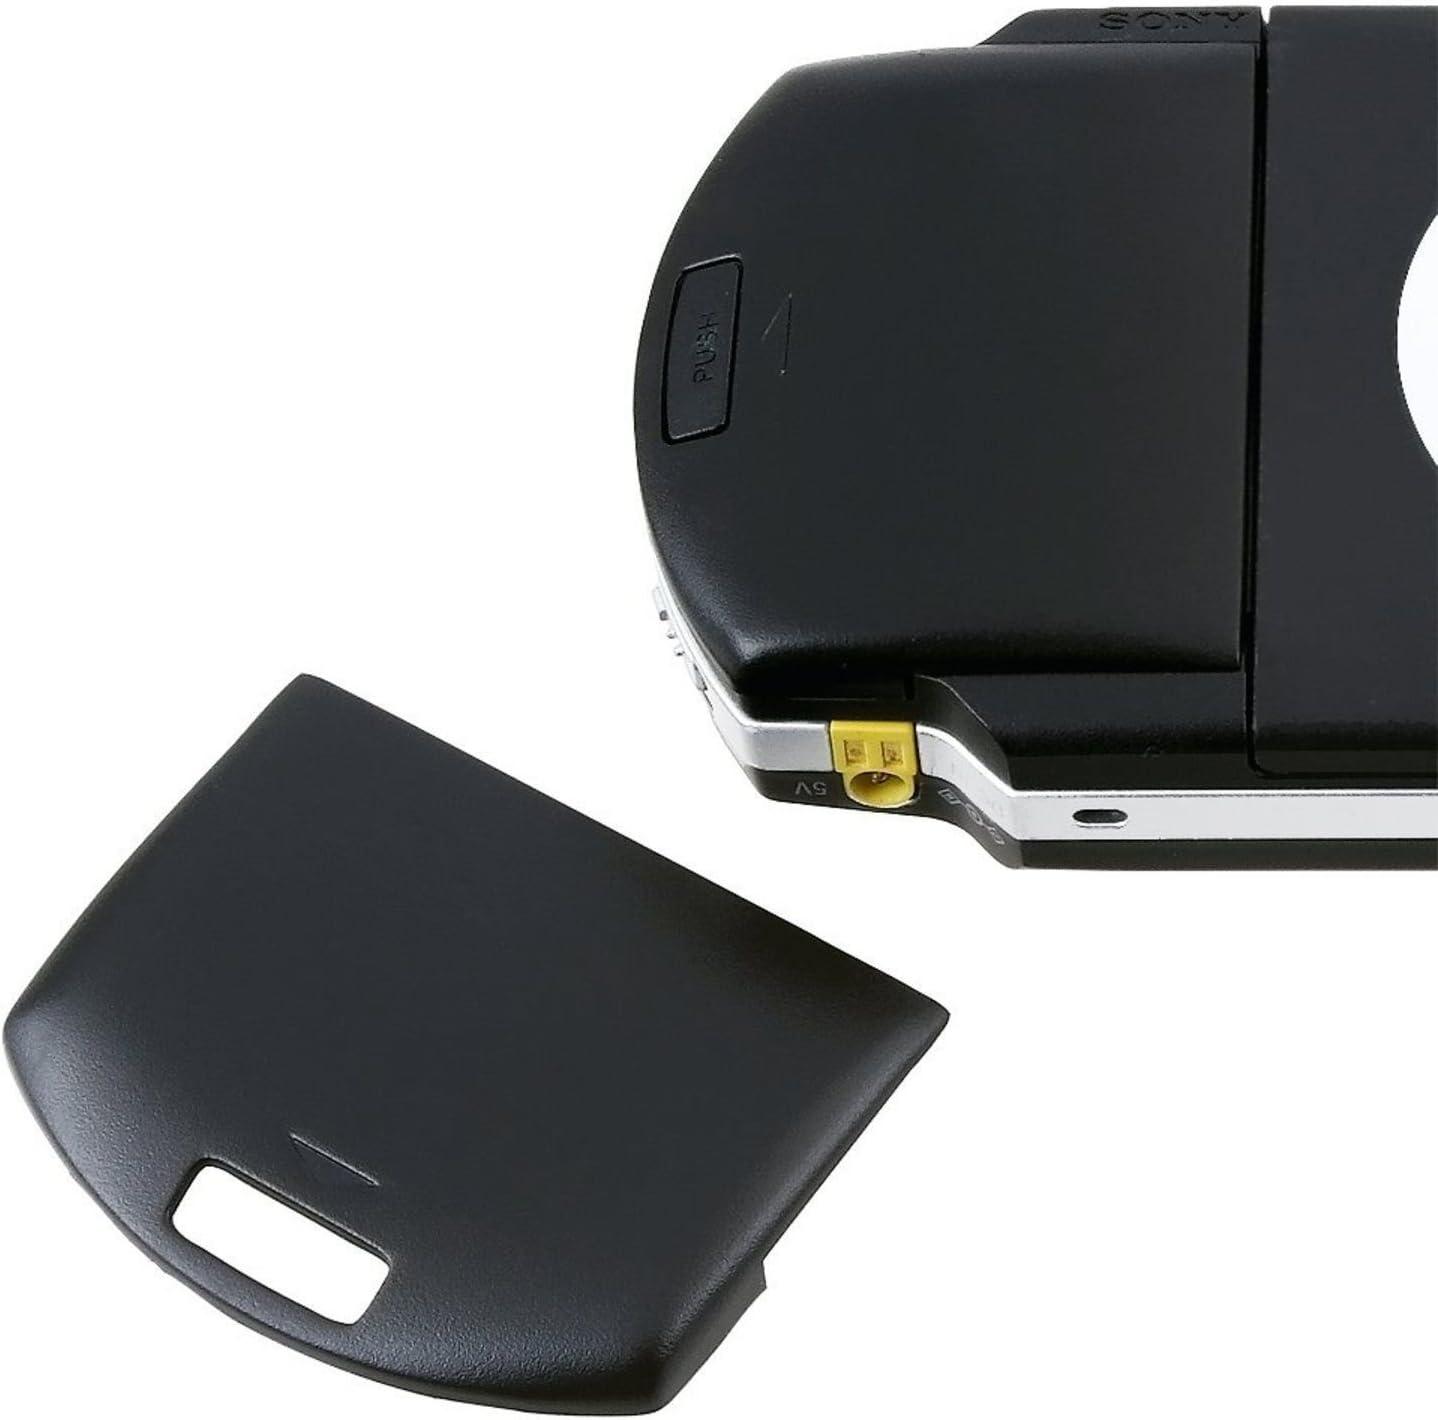 Carcasa de Repuesto para Sony PSP 1000 1001 1002 1003, Color Negro: Amazon.es: Electrónica